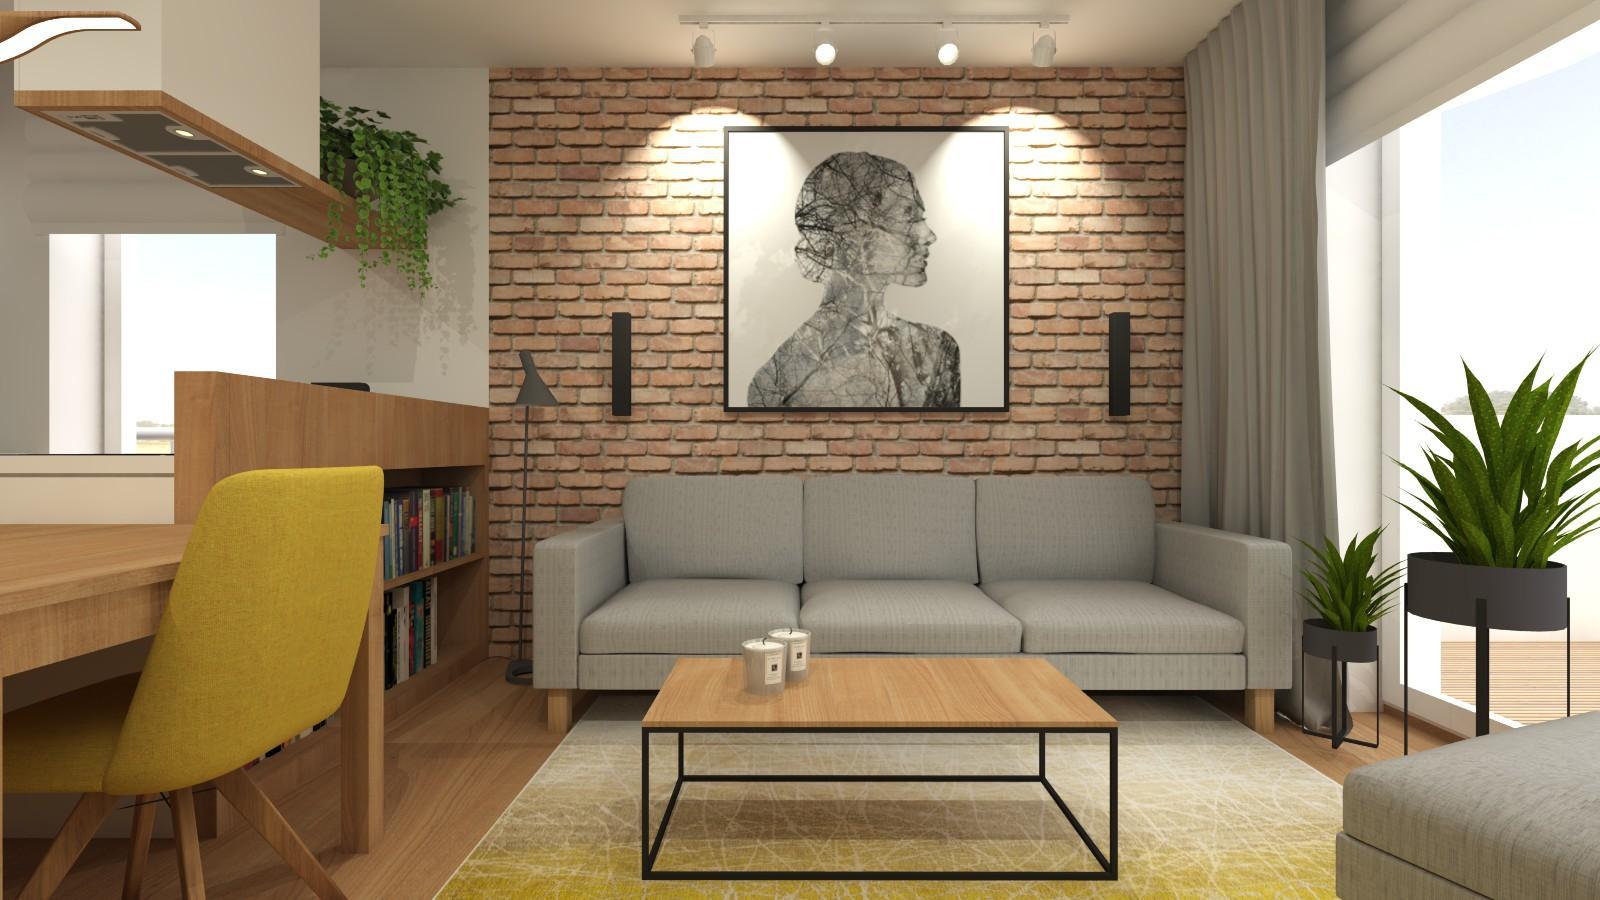 duzy-obraz-grafika-nad-szara-kanapa-styl-loftowy